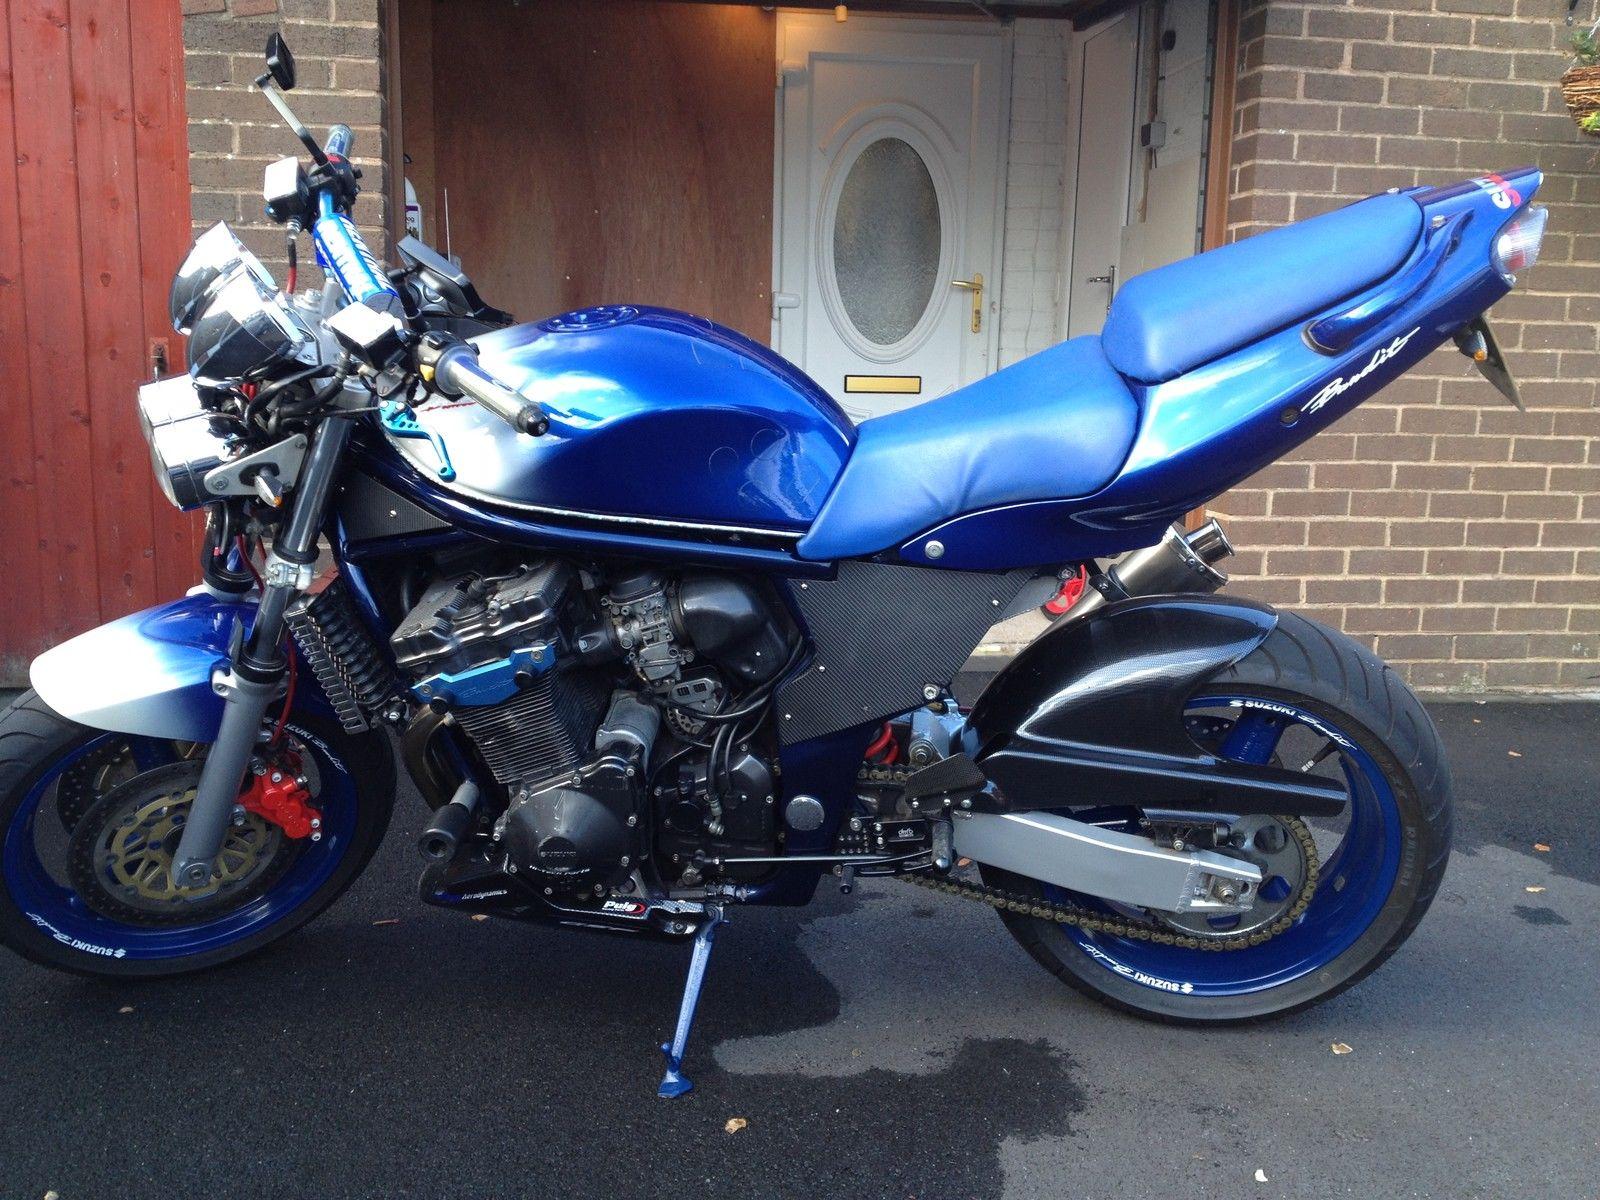 Suzuki Bandit 1200 Streetfighter Must See